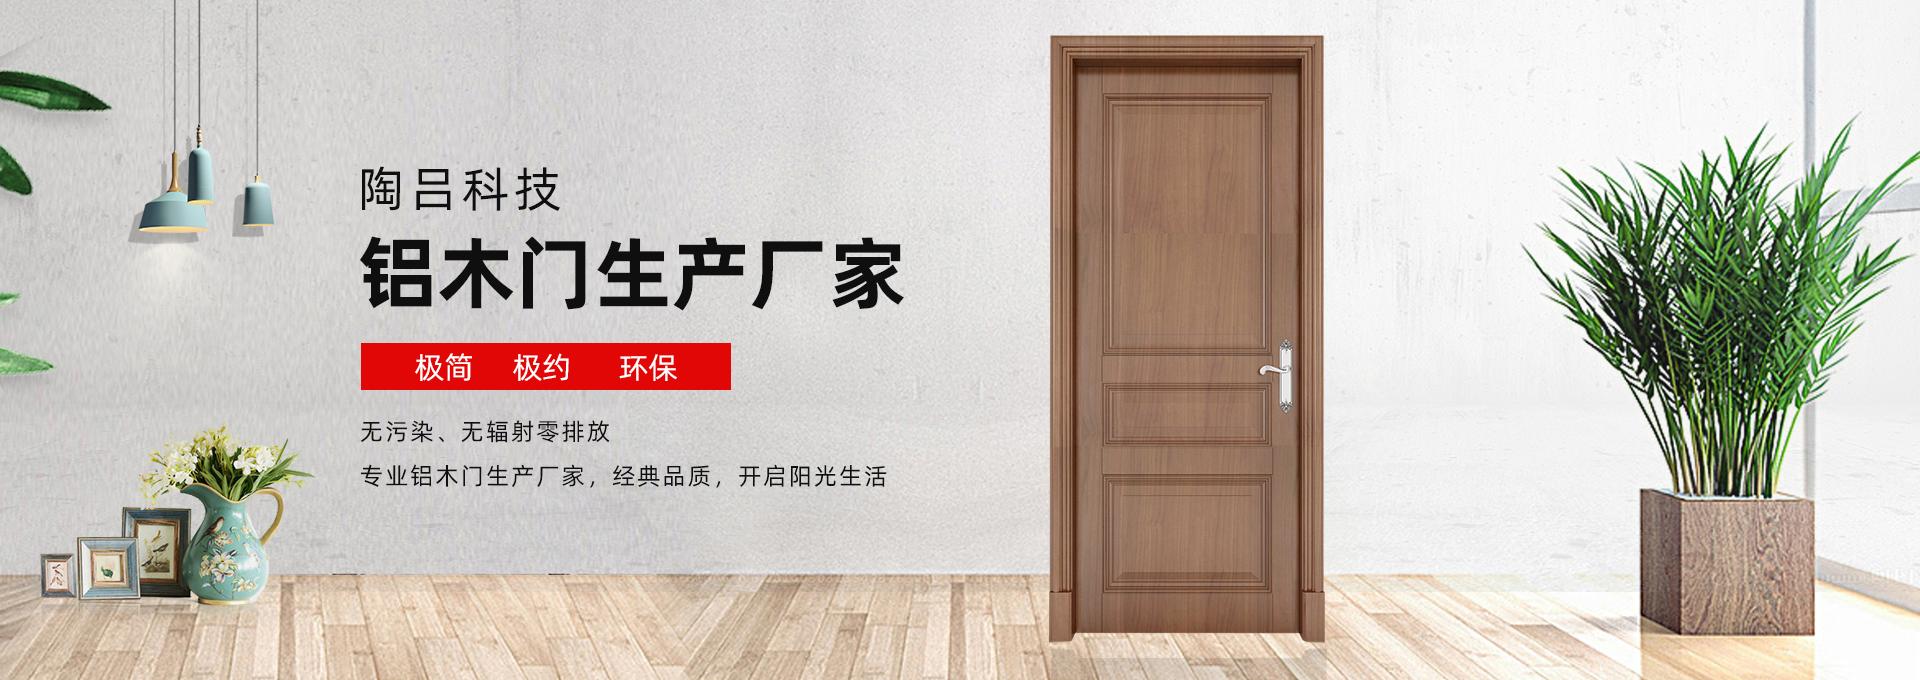 铝木门,竹木门专家-湖南陶吕铝业有限责任公司